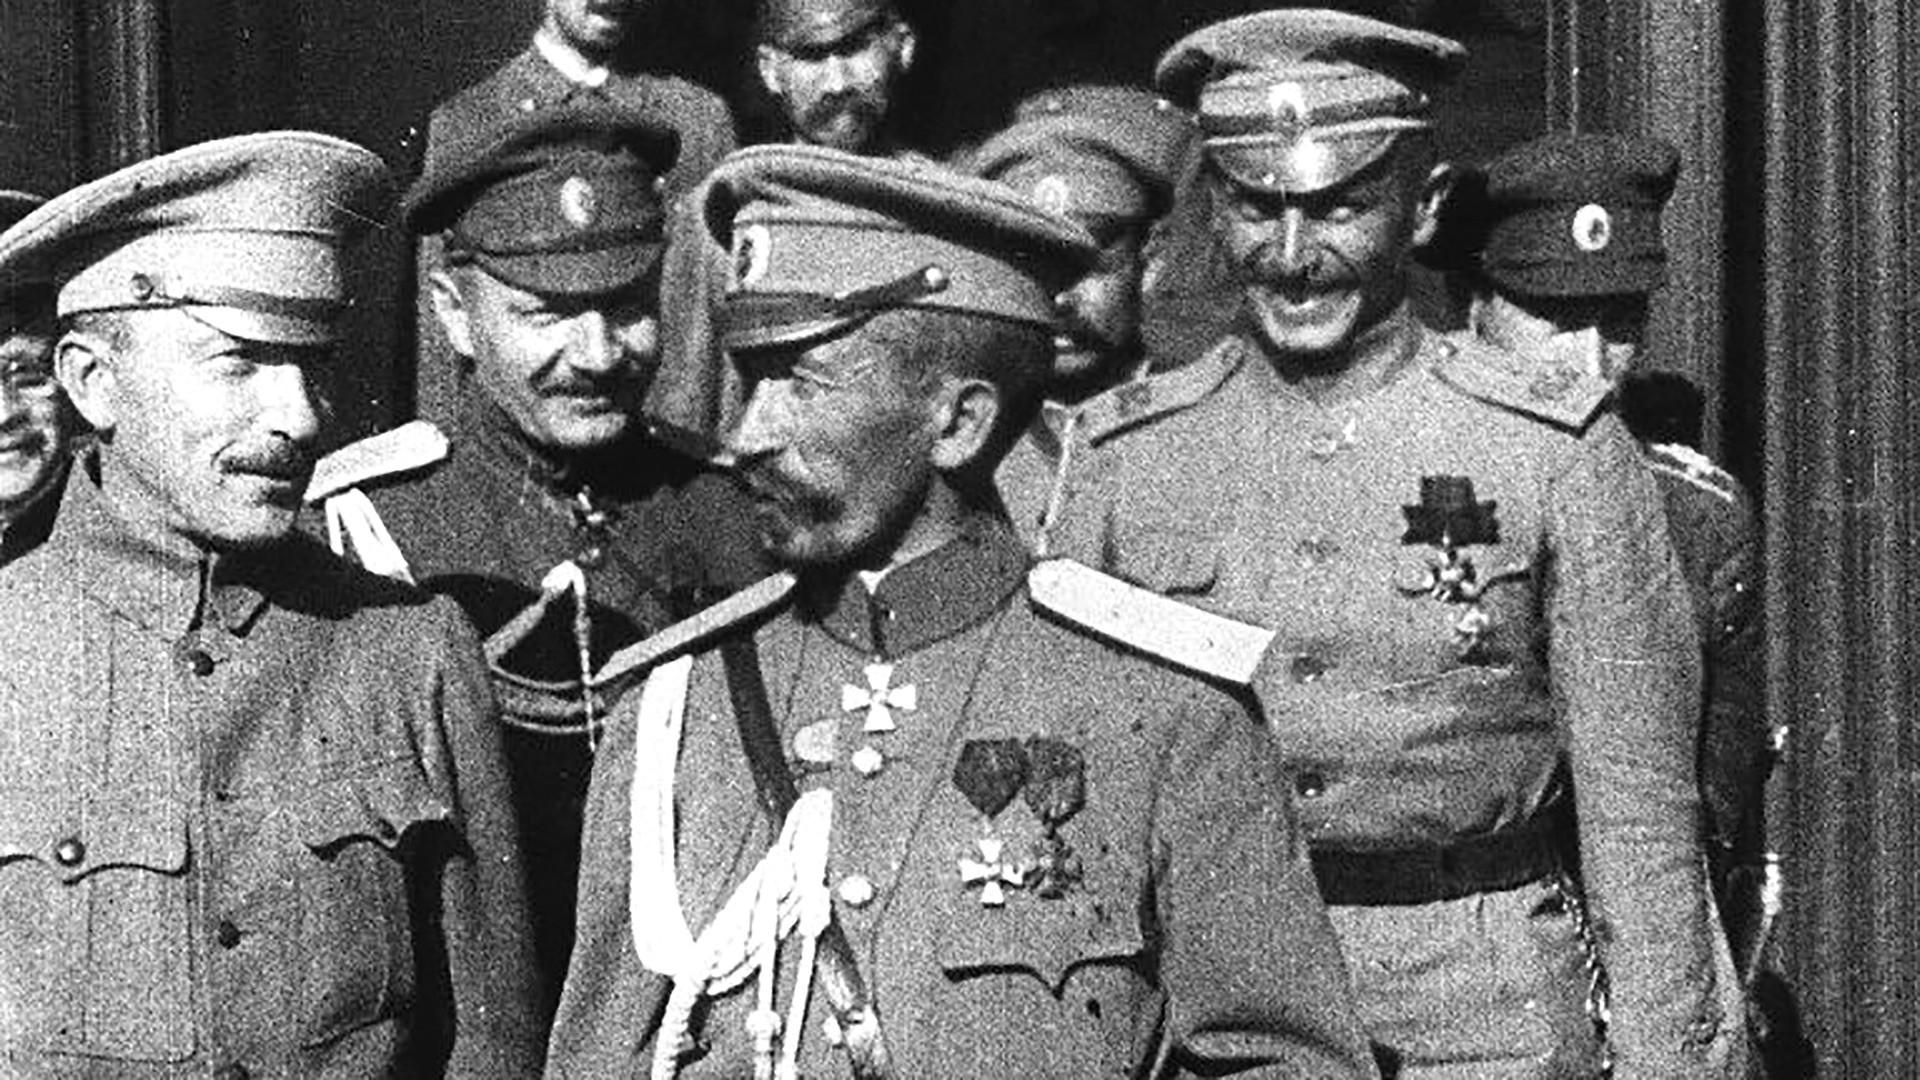 У августу 1917. године генерал Корнилов шаље трупе у Петроград да се супротставе Привременој влади.